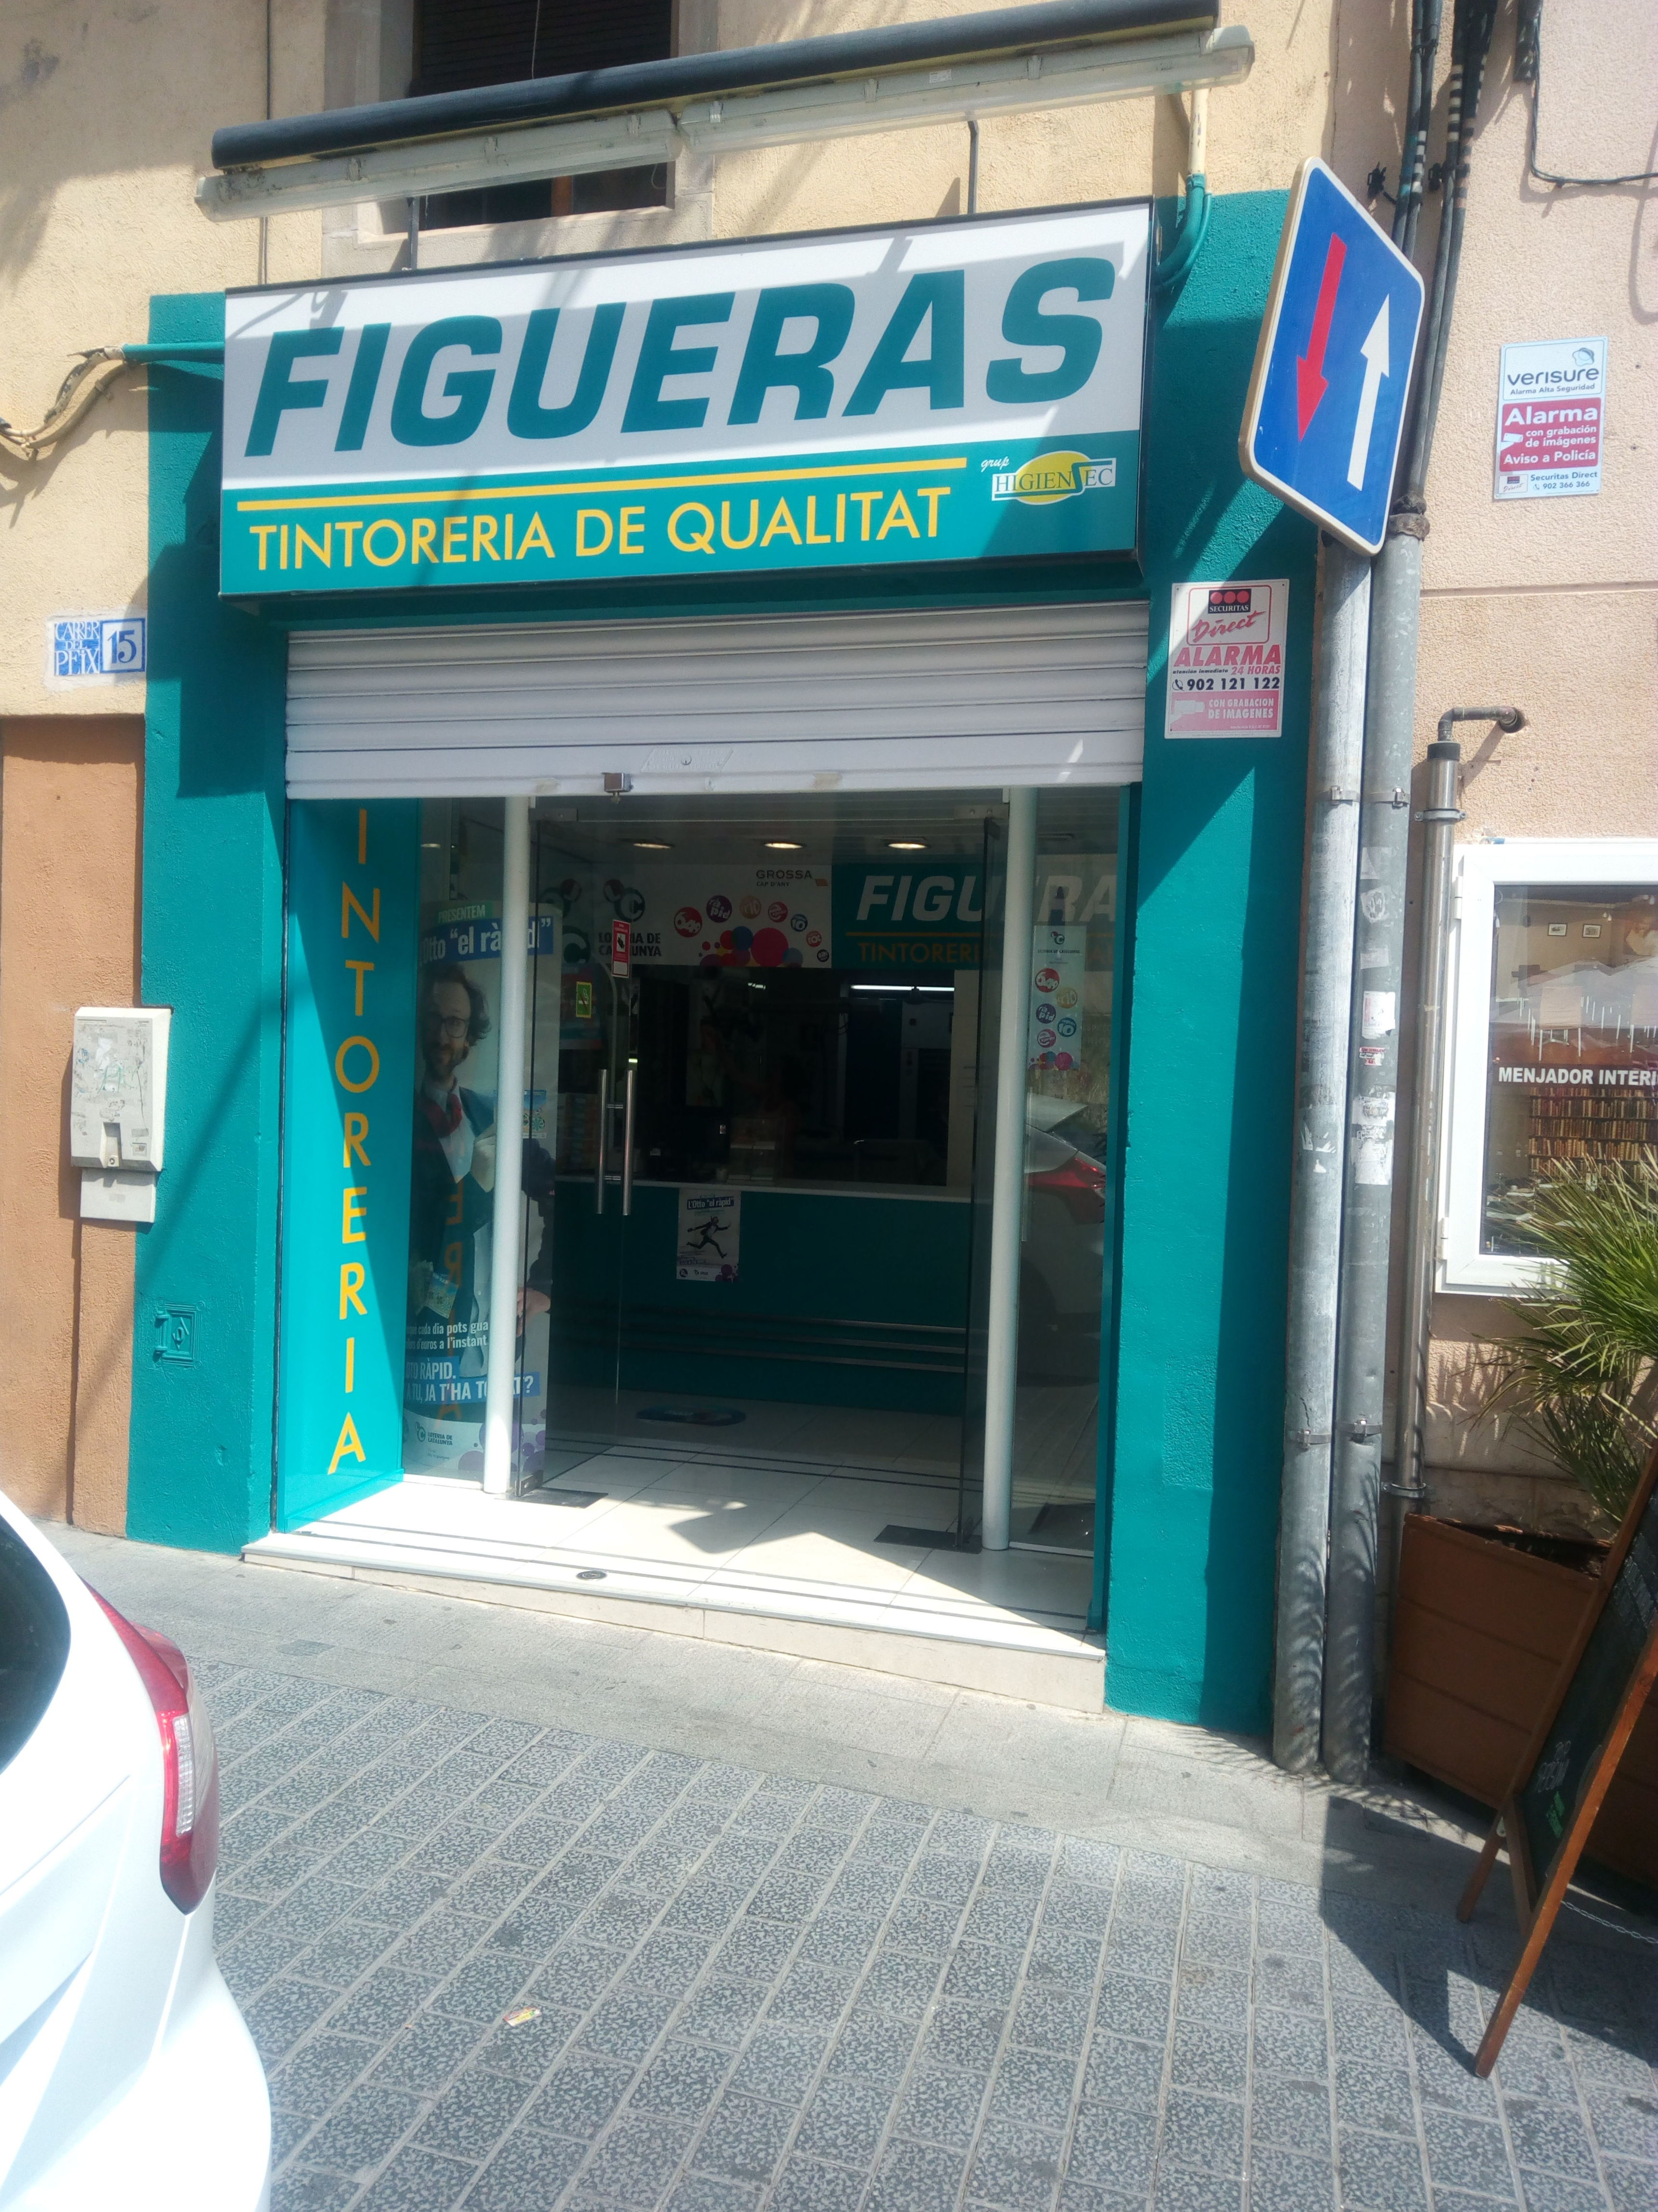 Foto 7 de Tintorerías y lavanderías en Torredembarra | Figueras - Tintoreria-Bugaderia